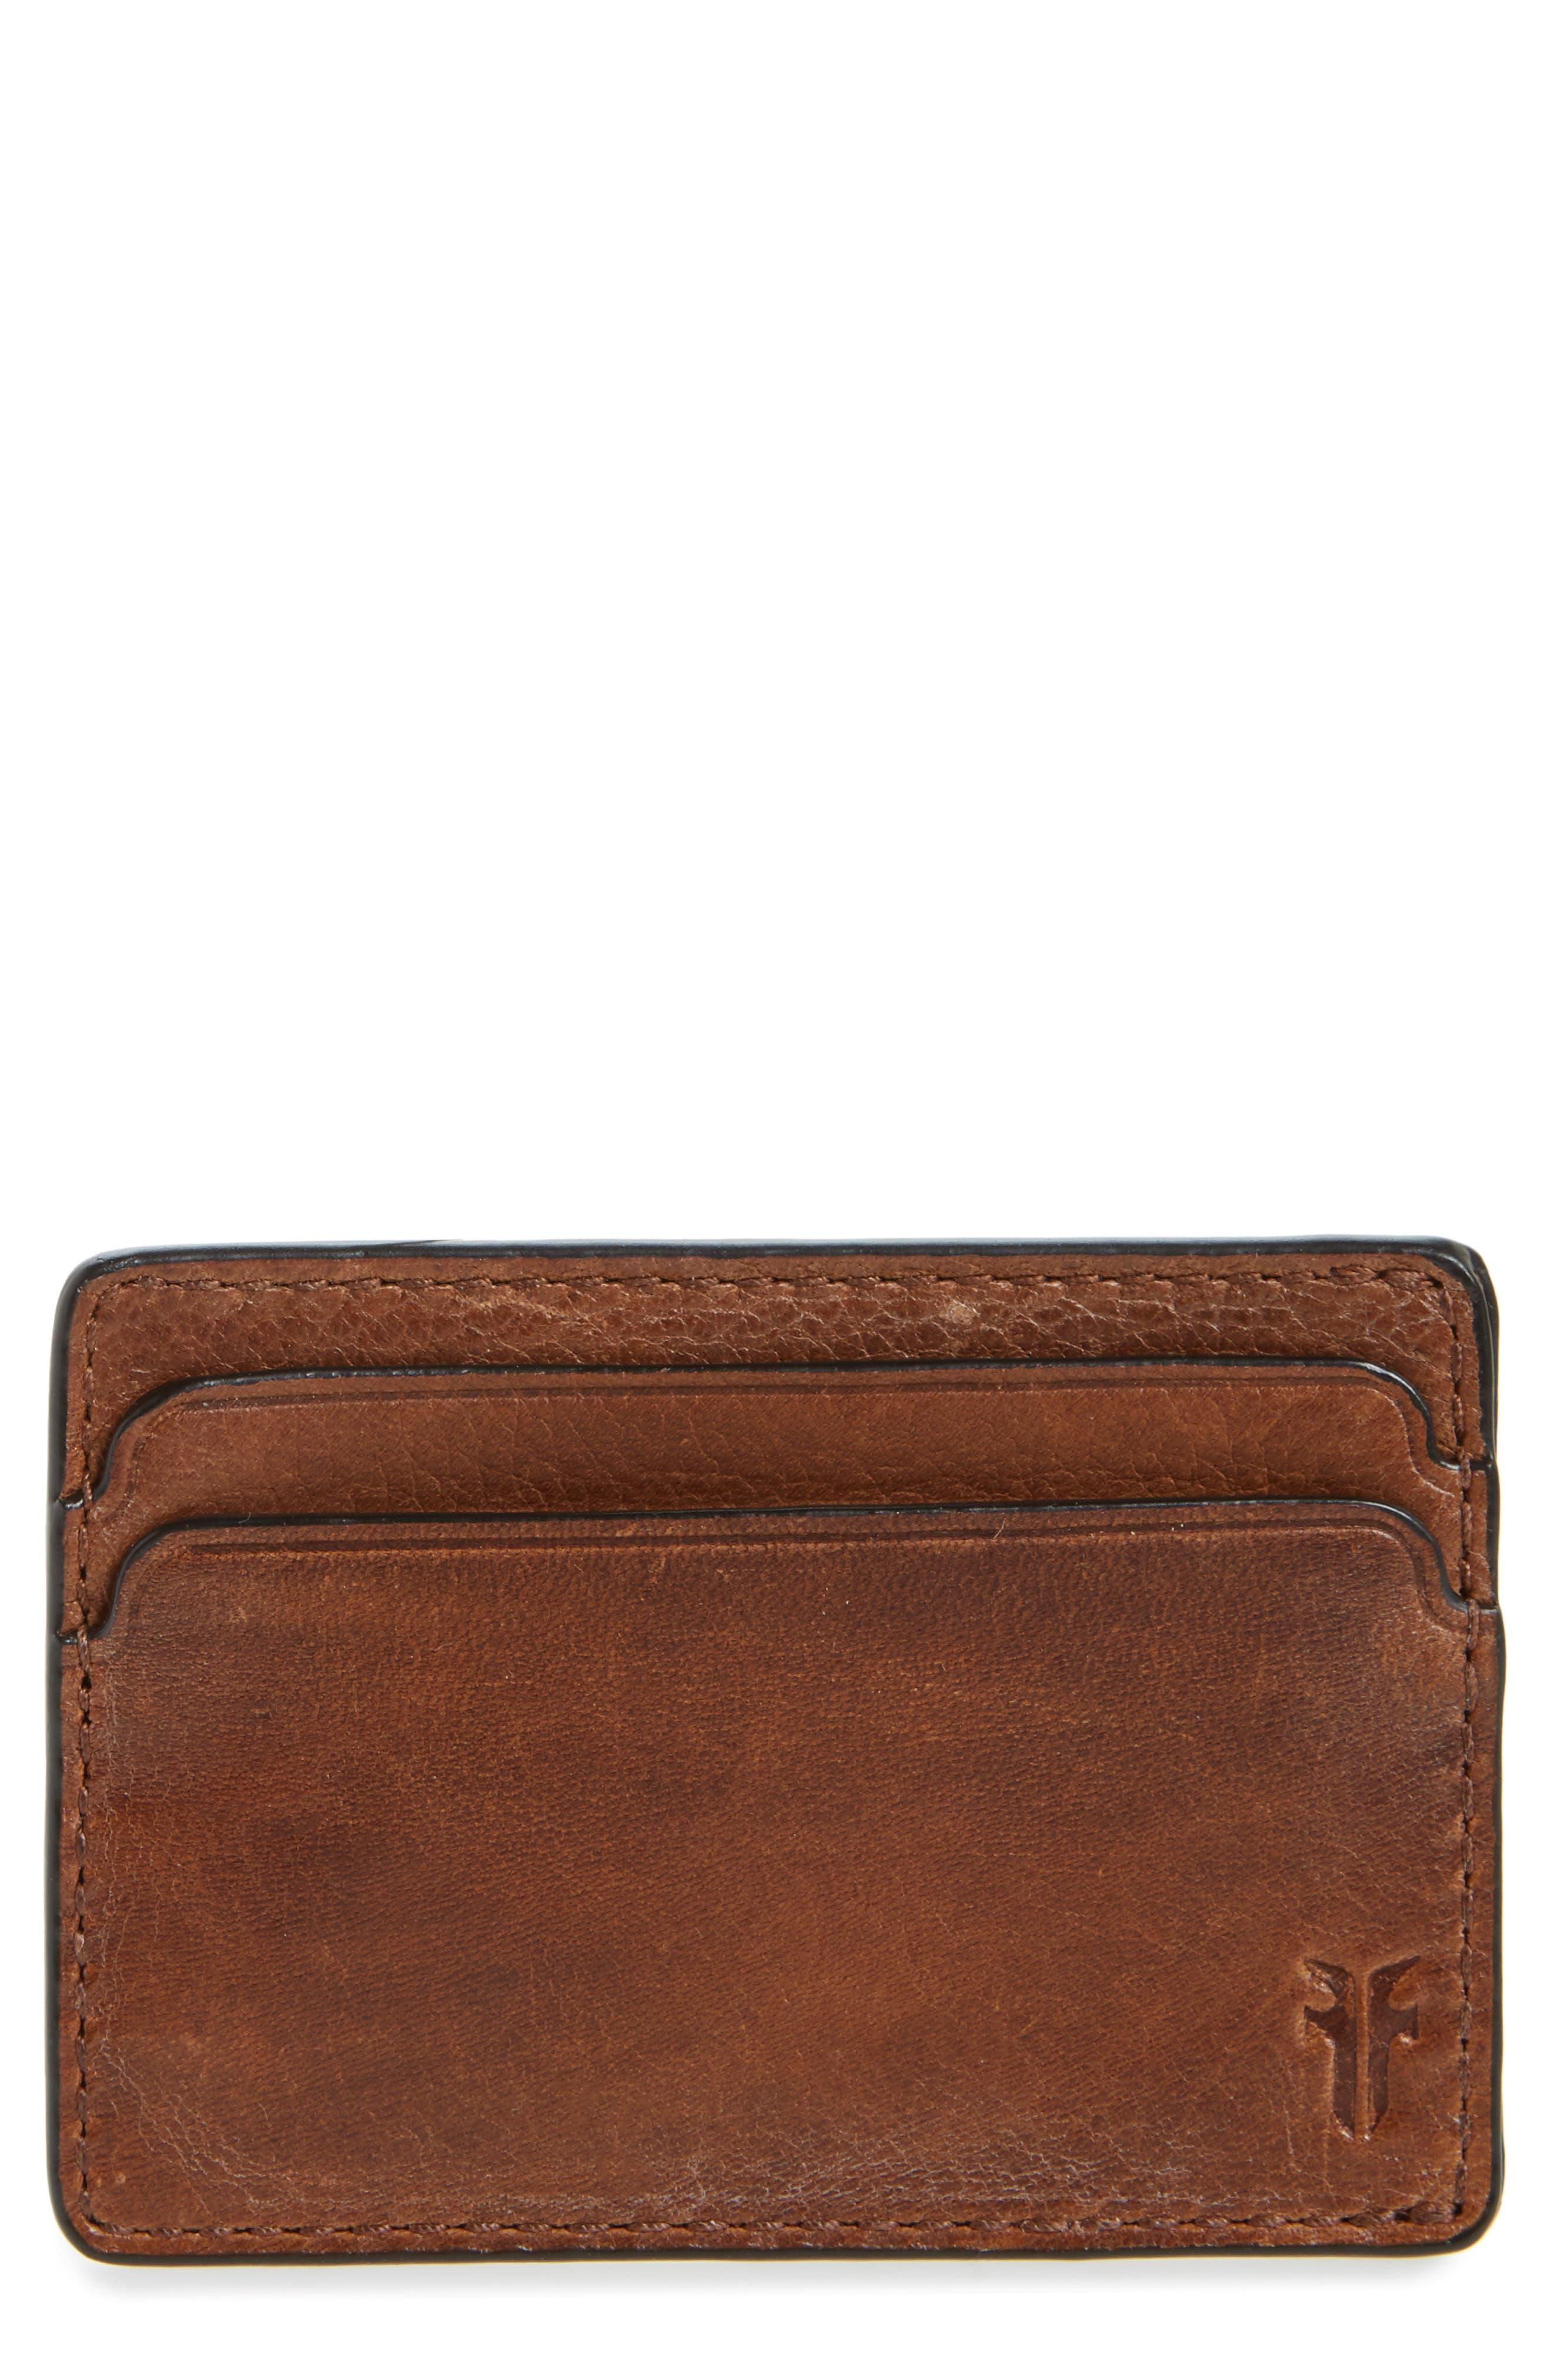 Frye Oliver Leather Card Case